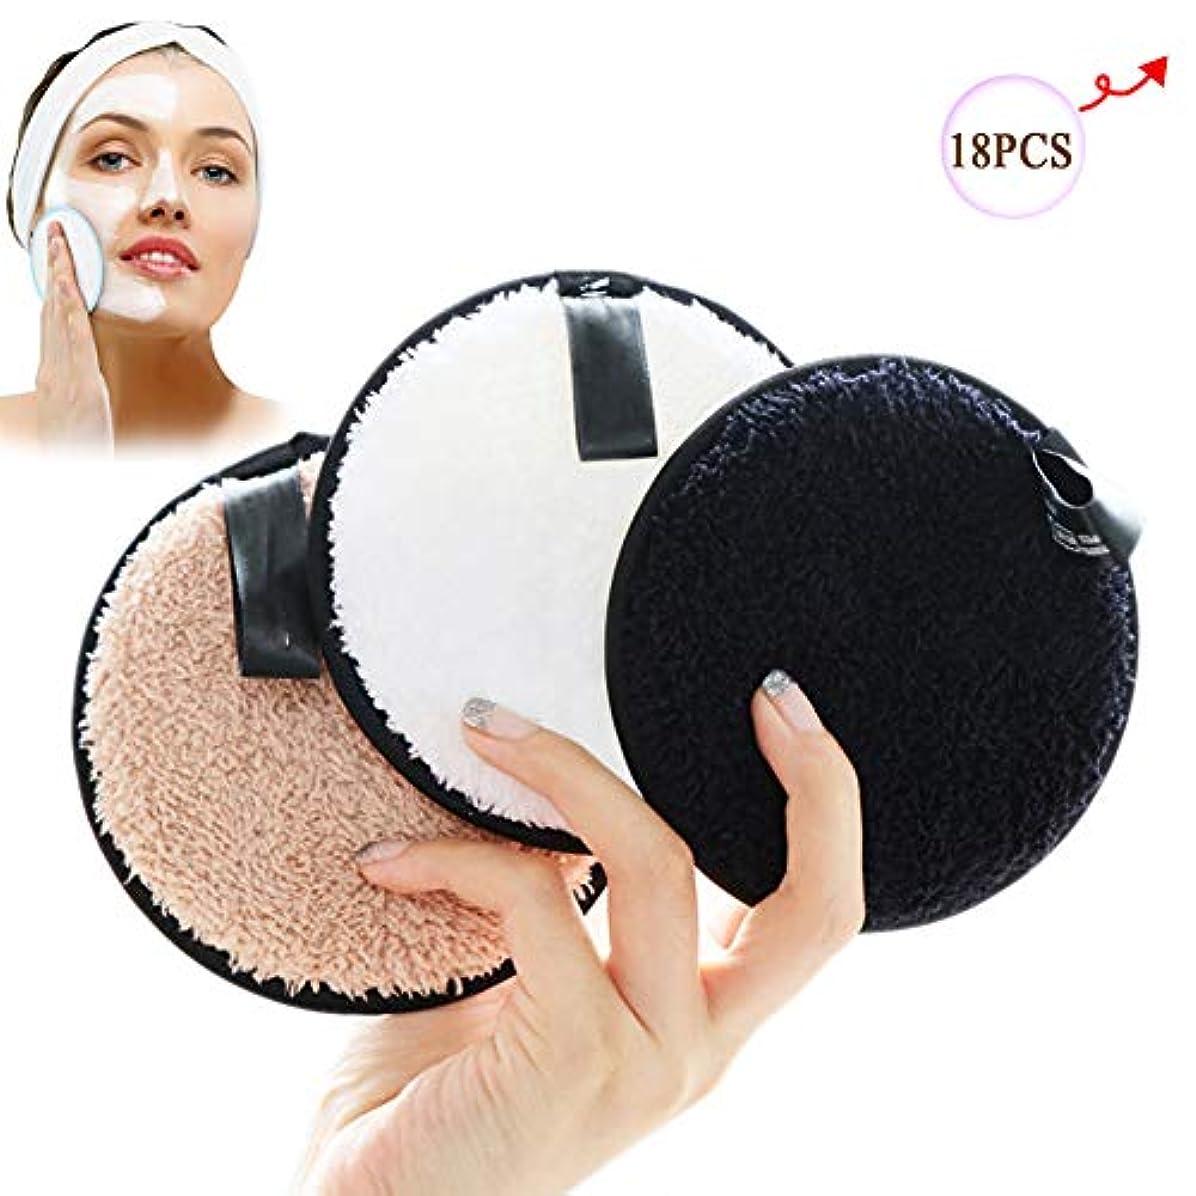 ピュー障害金属除去剤のパッド、女性の表面/目/唇のための再使用可能な清潔になる綿繊維の構造の除去剤のワイプ,18PCS